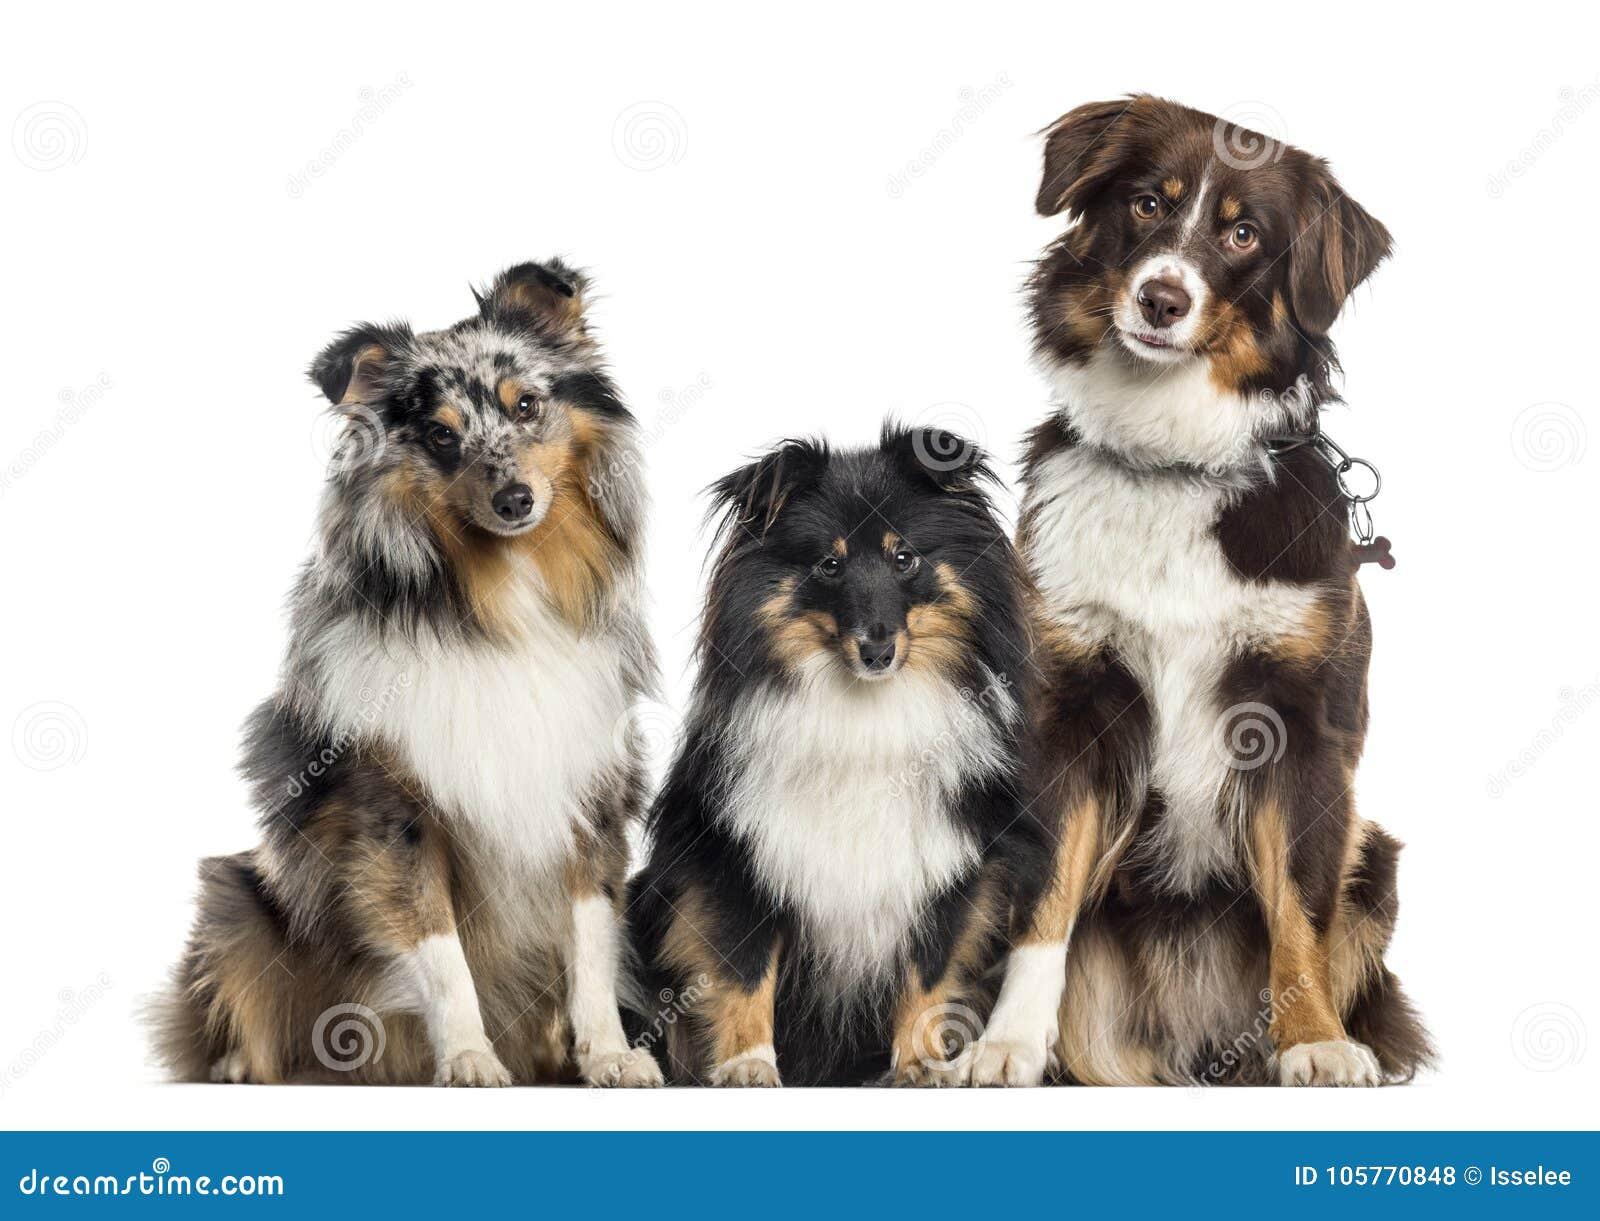 设德蓝群岛牧羊犬和澳大利亚牧羊人,连续狗,白色